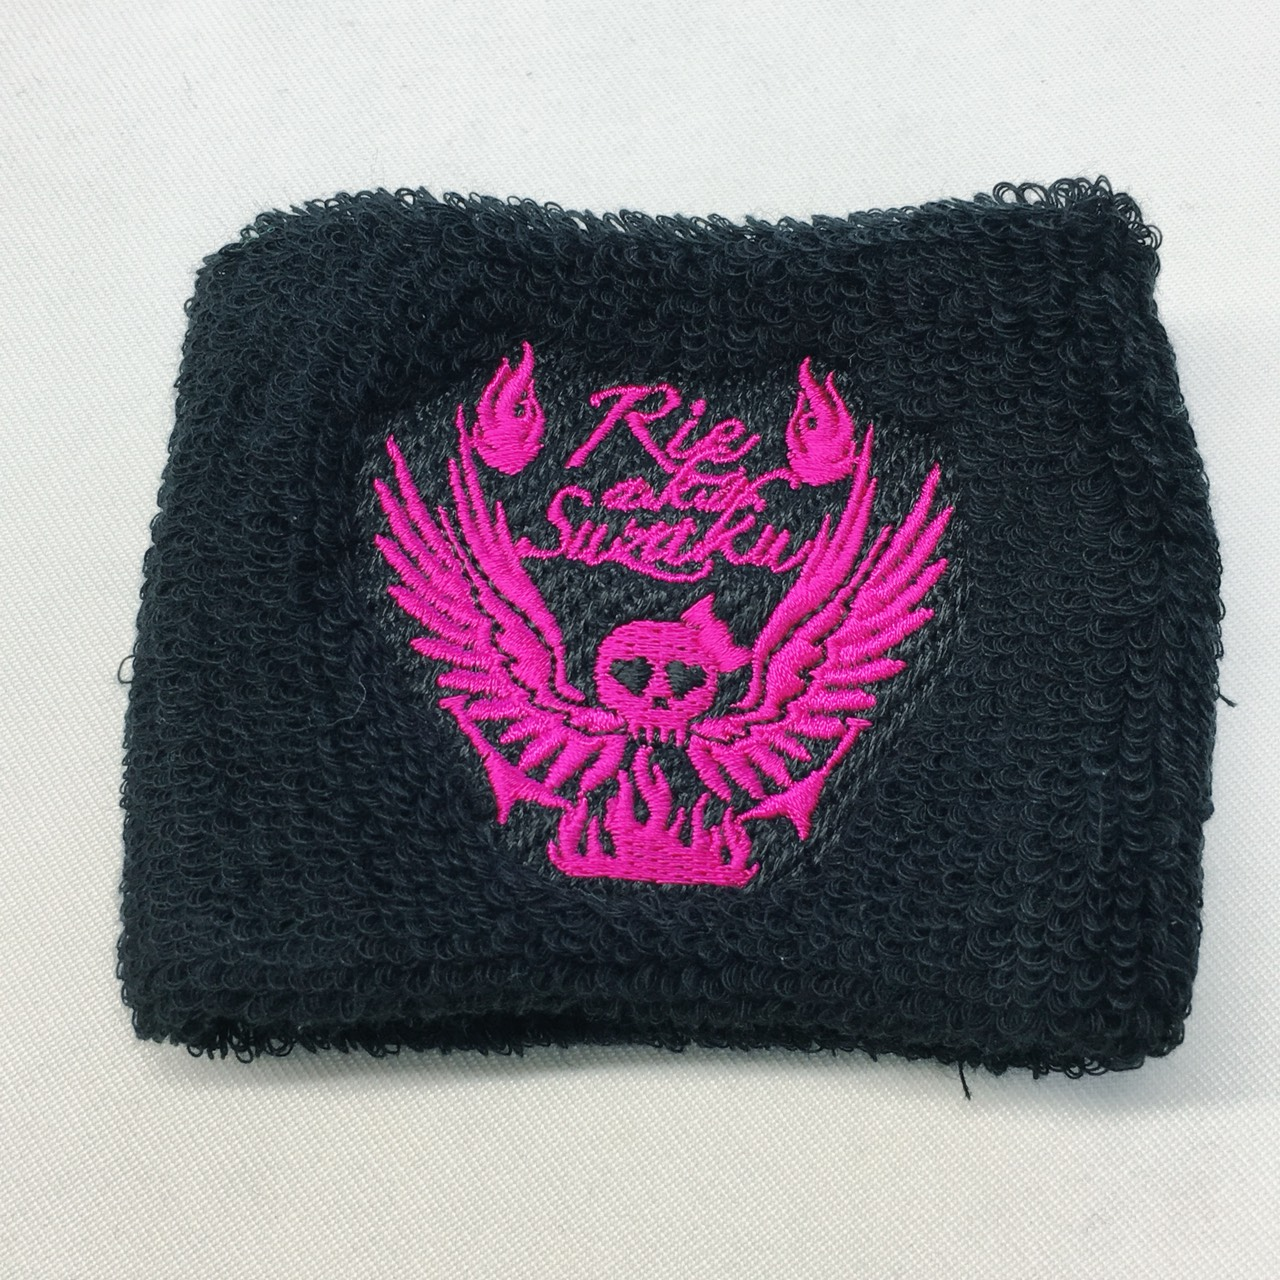 【0024】オリジナル刺繍/M-02 黒/Fサイズ